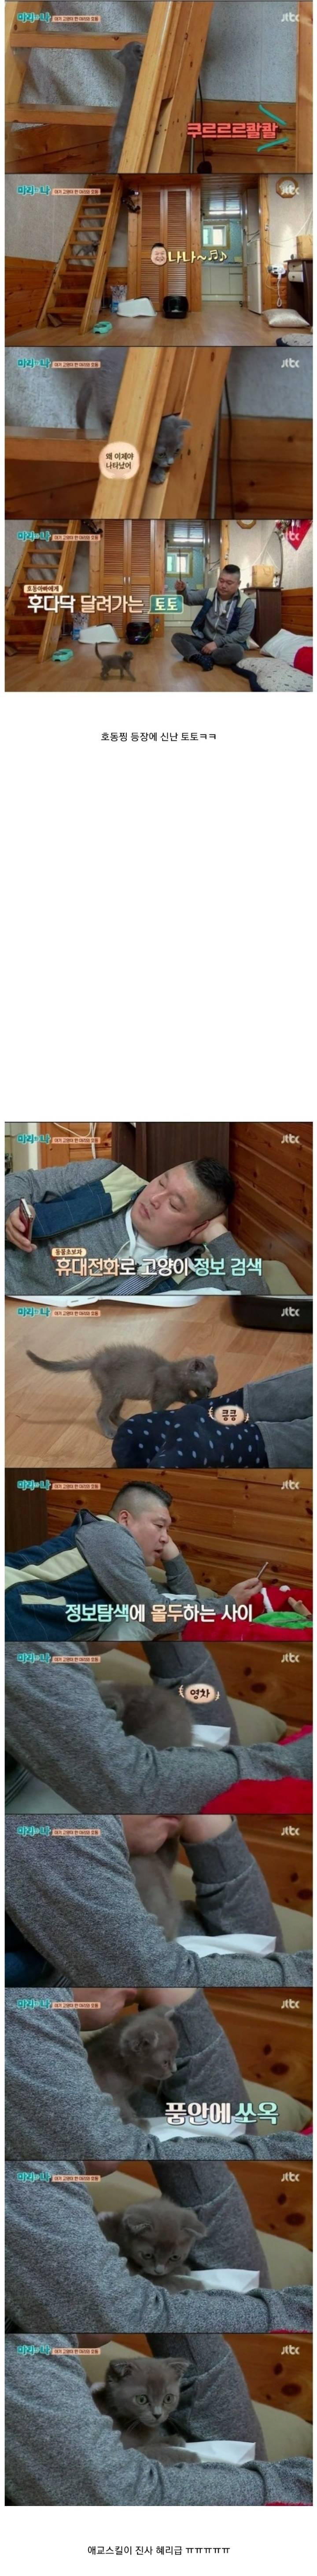 케미가 냥냥 터지는 강호동과 새끼 고양이 토토.jpg | 인스티즈